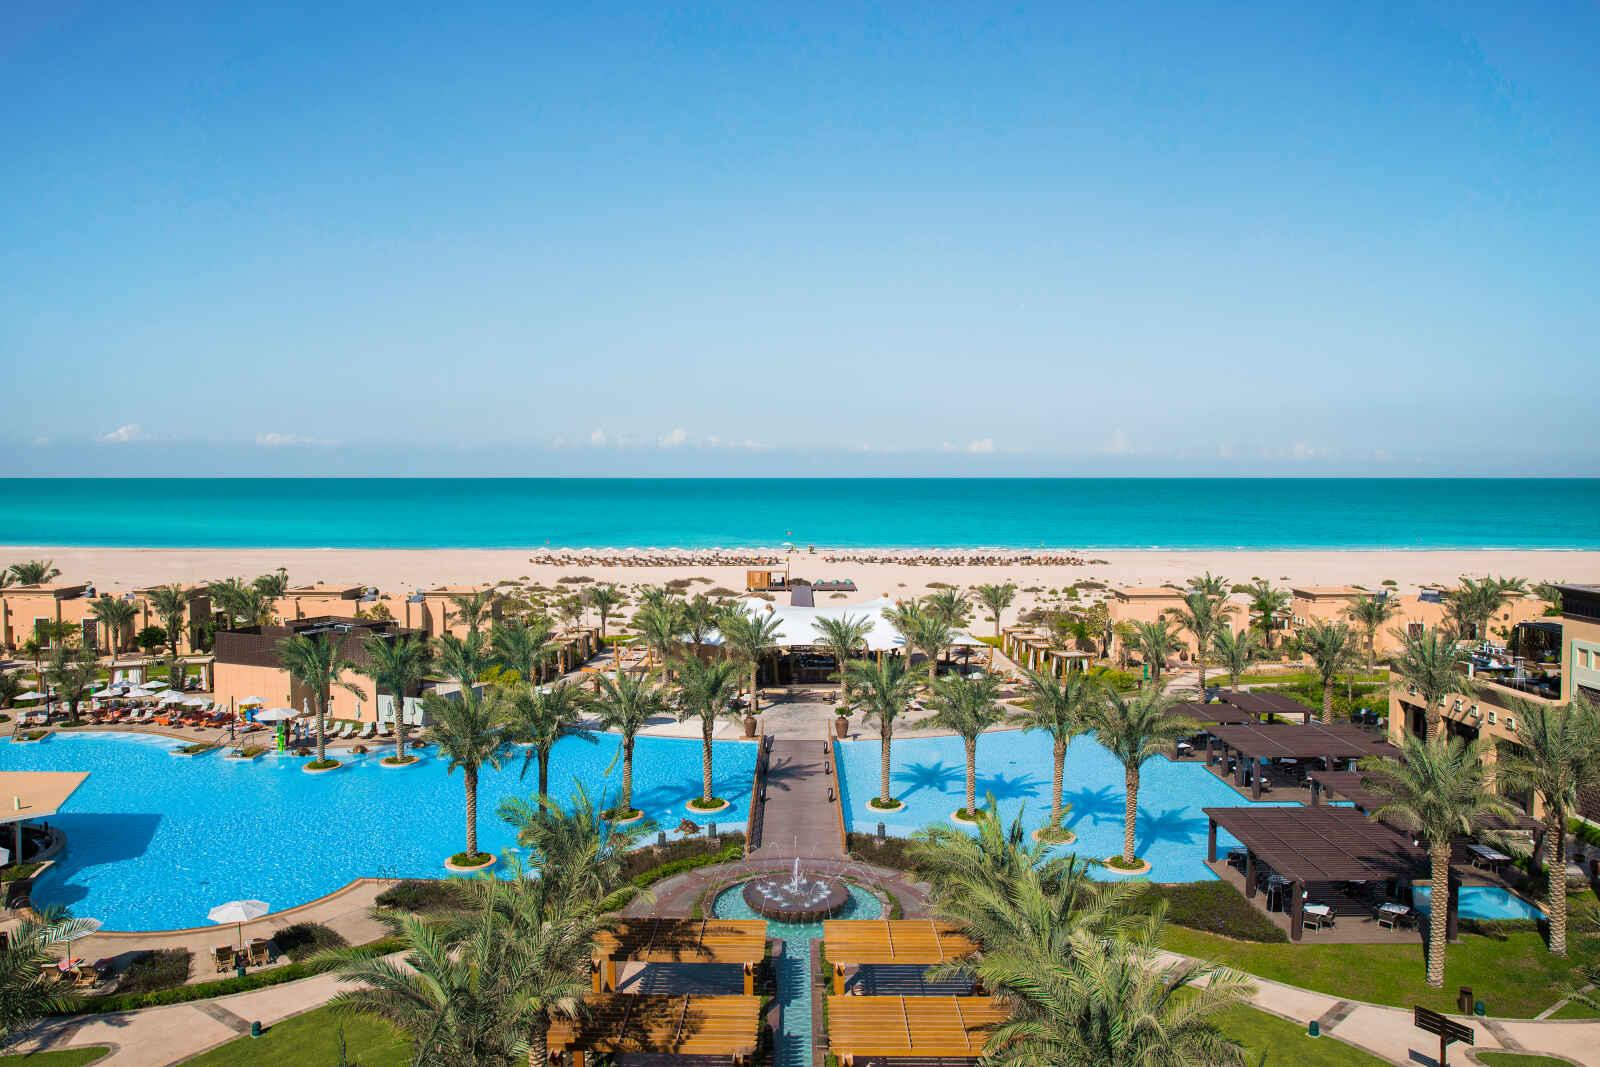 Abou Dhabi : Saadiyat Rotana Resort & Villas